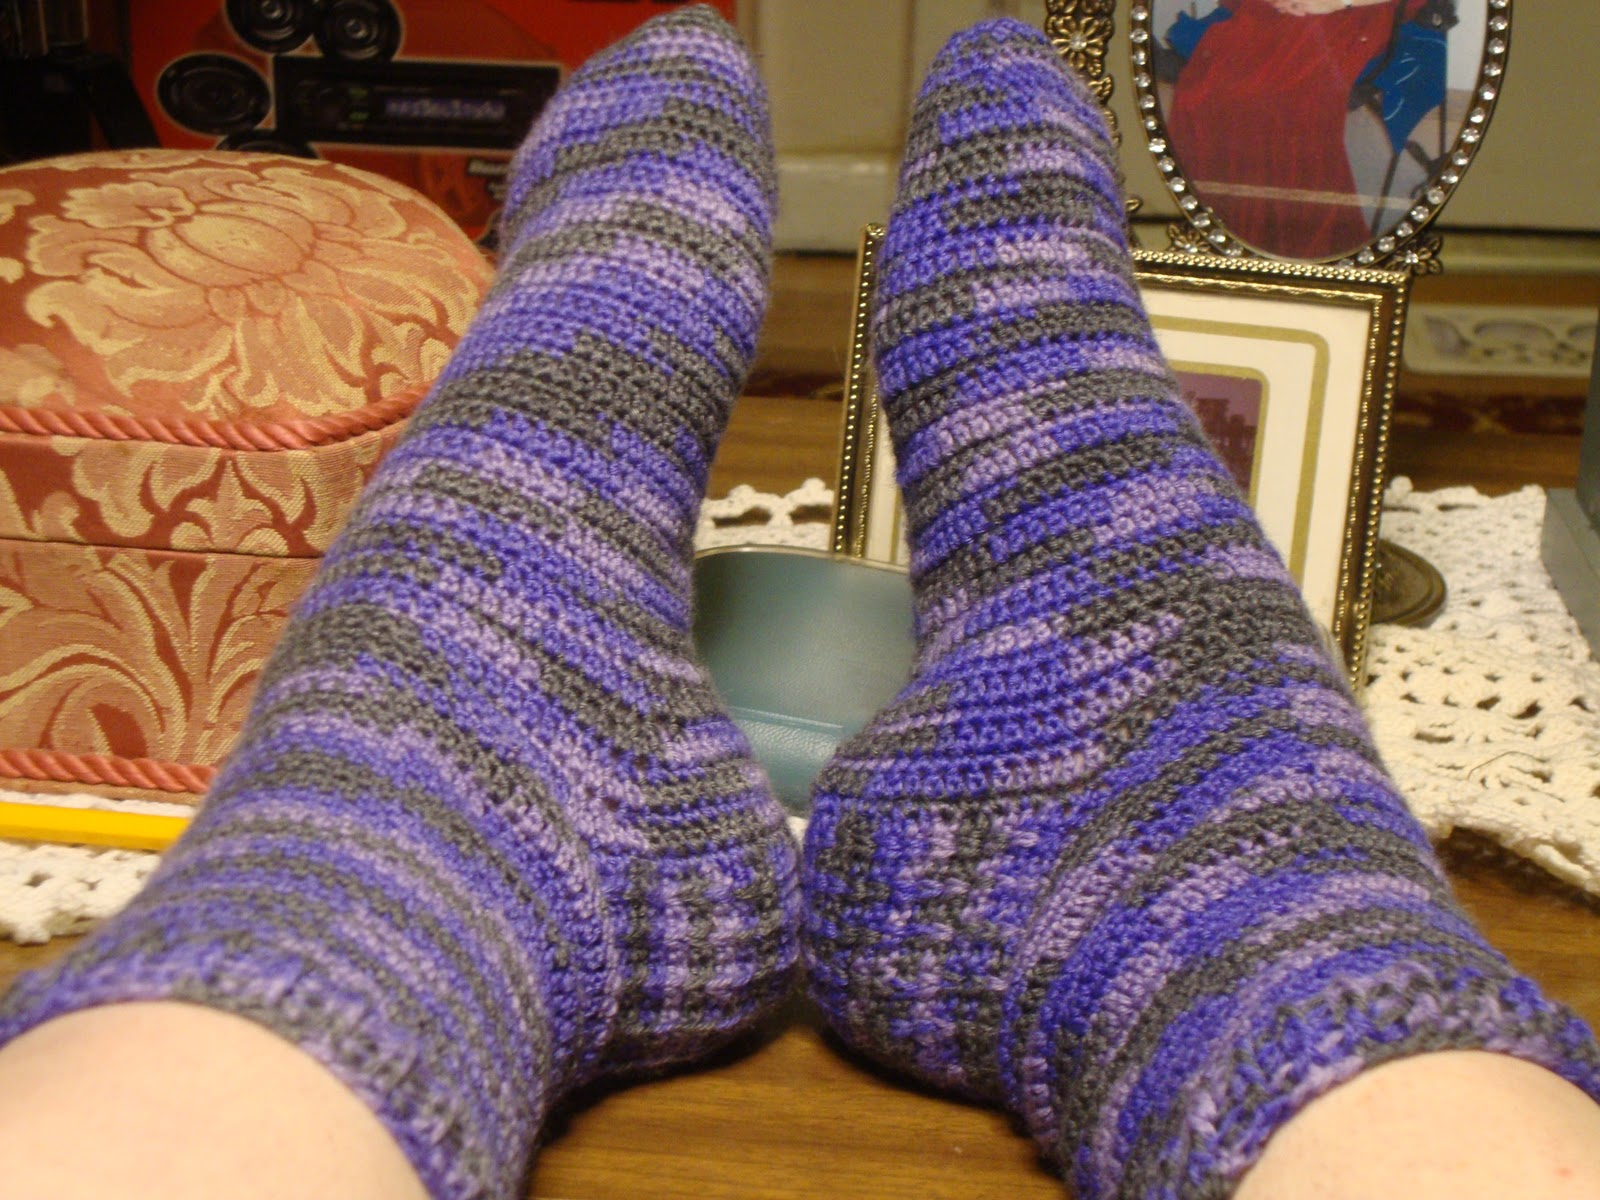 Crochet Socks Easy Pattern Free : Wicked Crochet: Wicked Crochet Does Easy Does It Socks